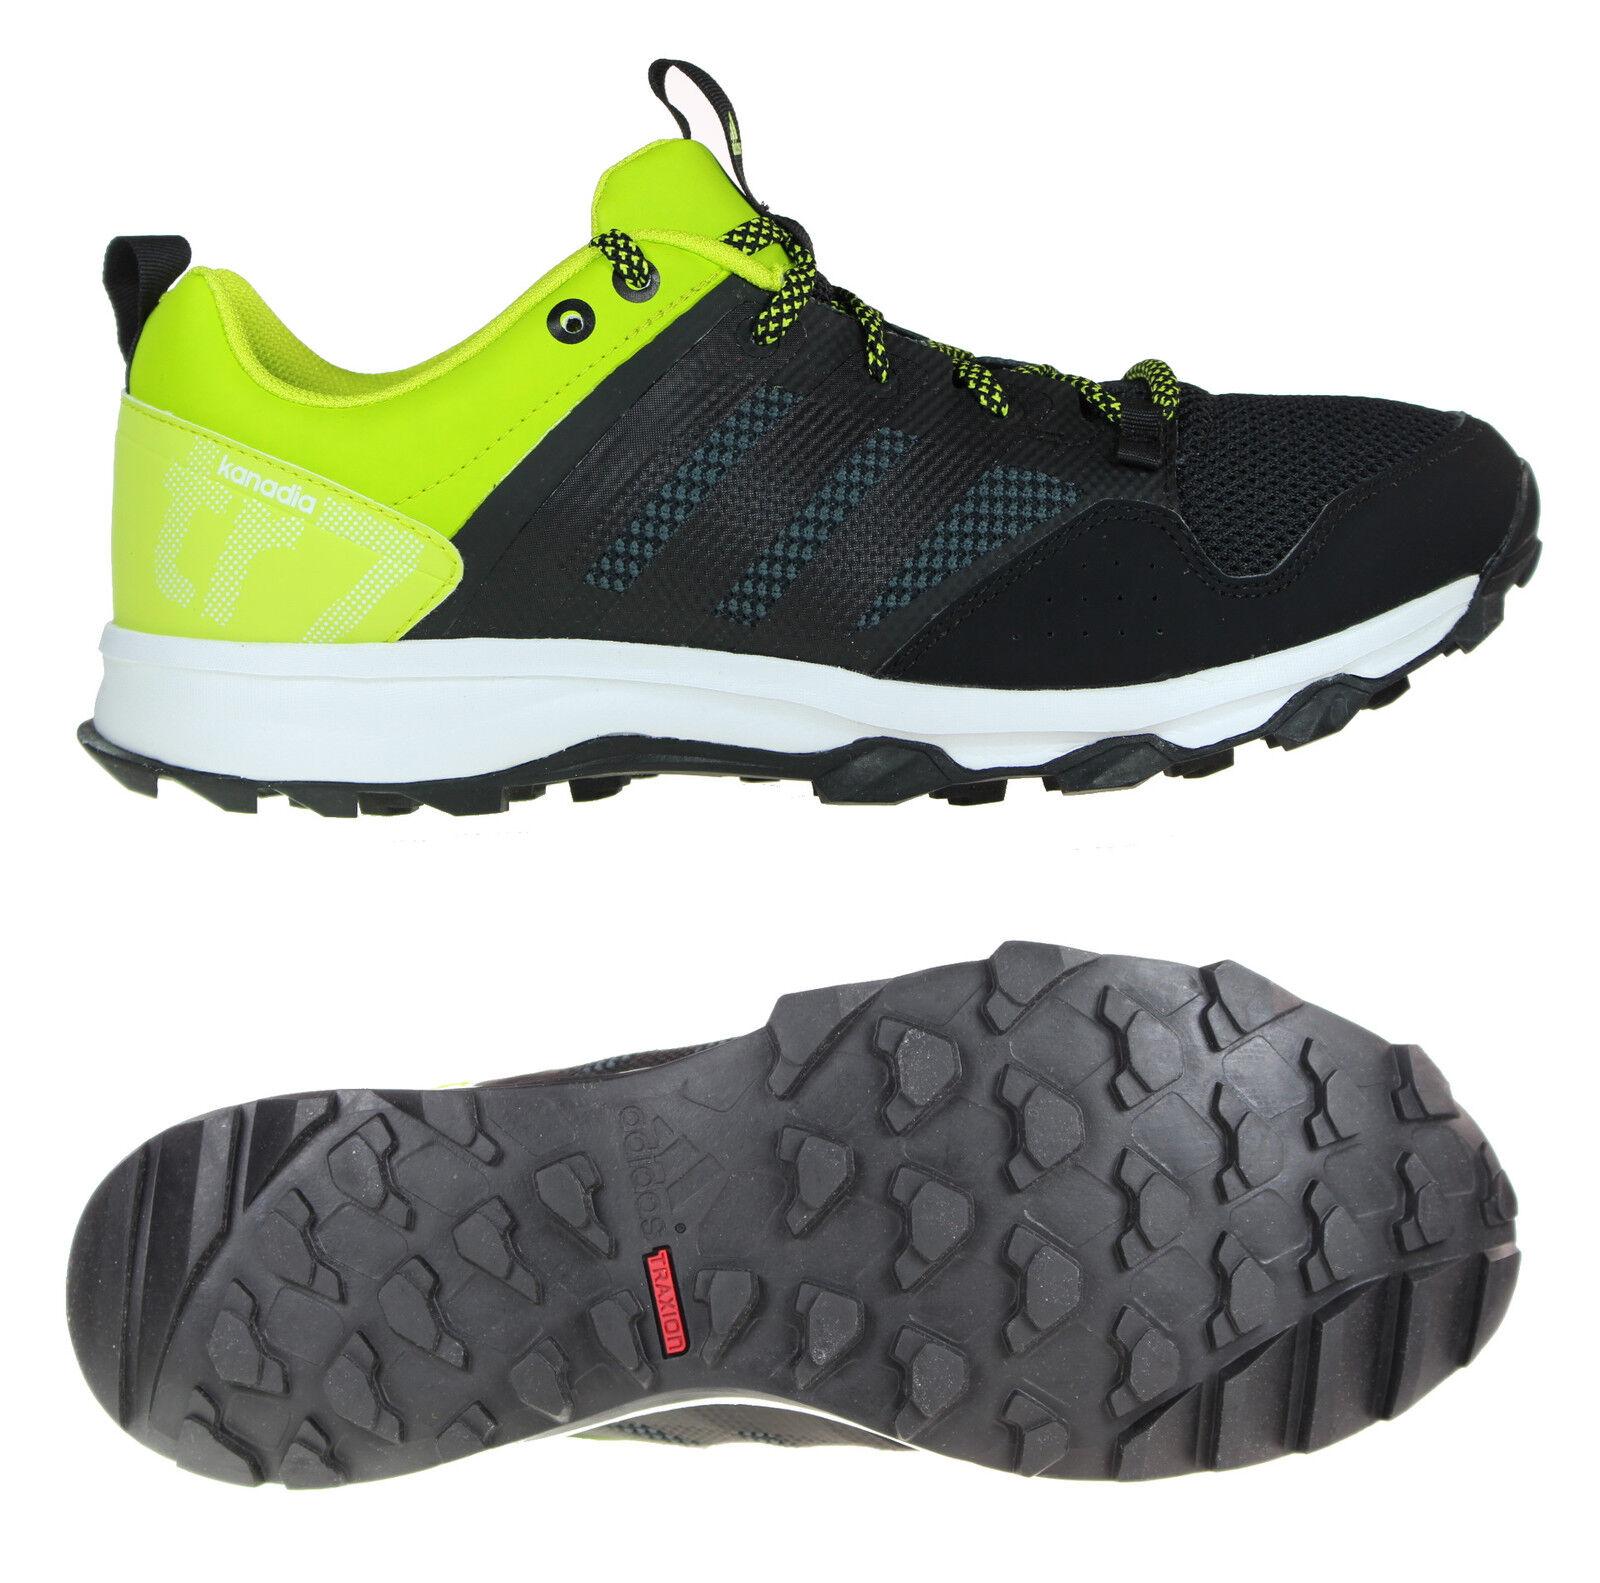 adidas kanadia 7 tr m strecke hombre zapatillas de correr zapatos hombre strecke b40097 nuevo eef3a8